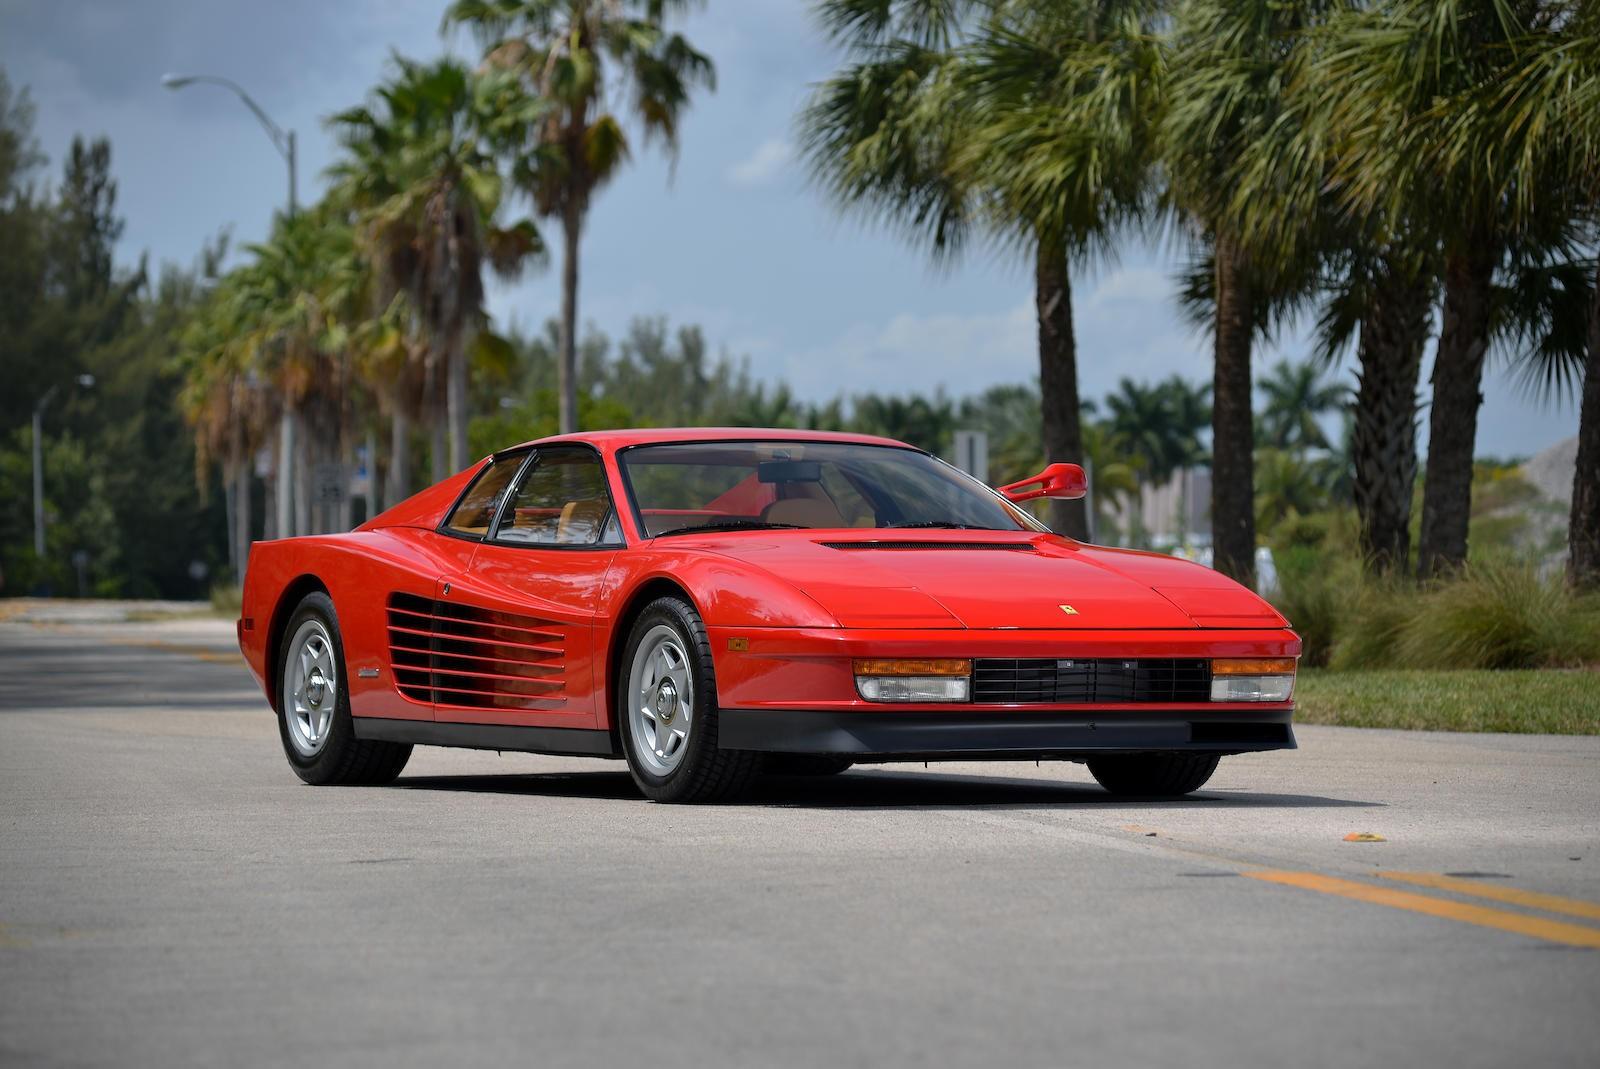 Fondos De Pantalla Vehículo Coche Deportivo Ferrari